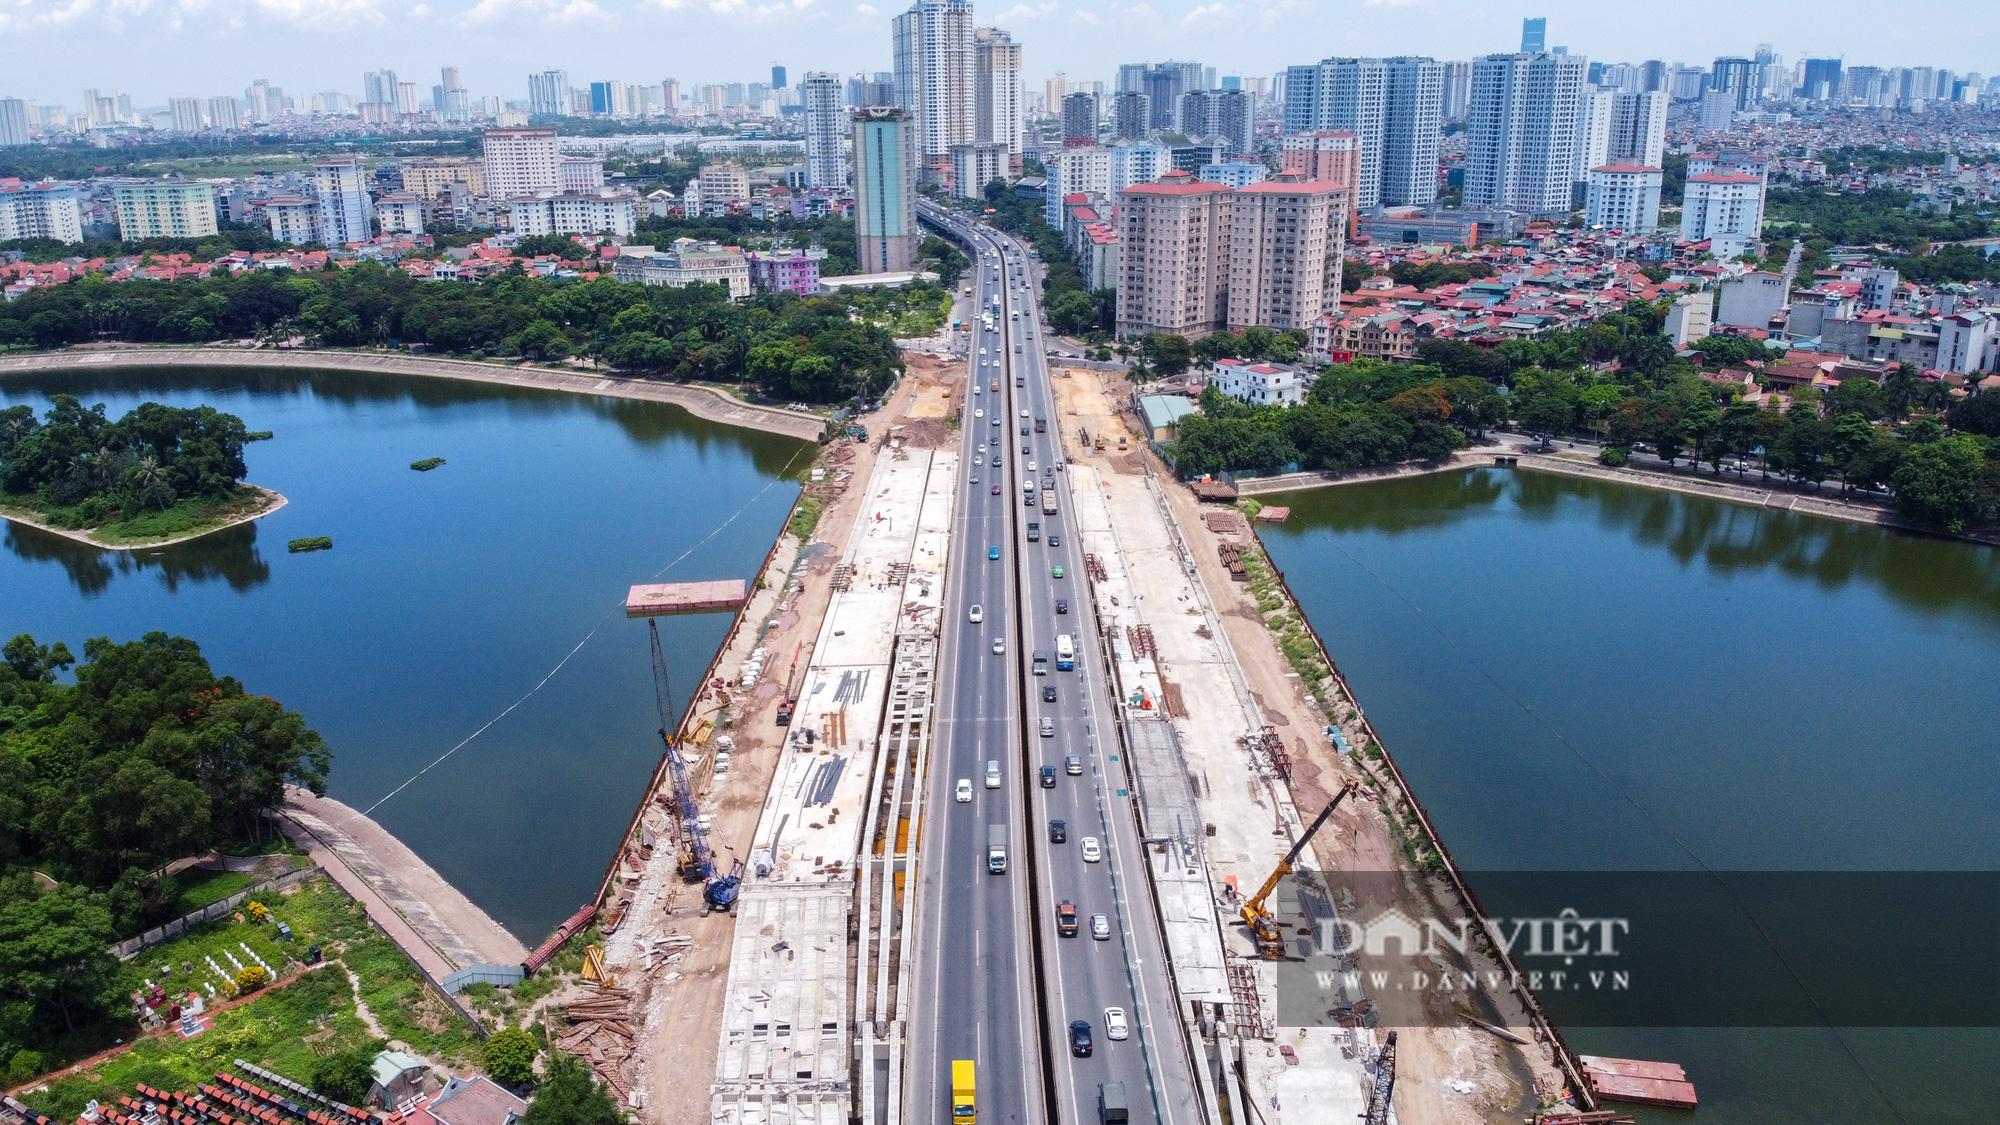 Nhìn lại 10 dự án tiêu biểu do ông Nguyễn Đức Chung - Chủ tịch TP Hà Nội chỉ đạo - Ảnh 9.